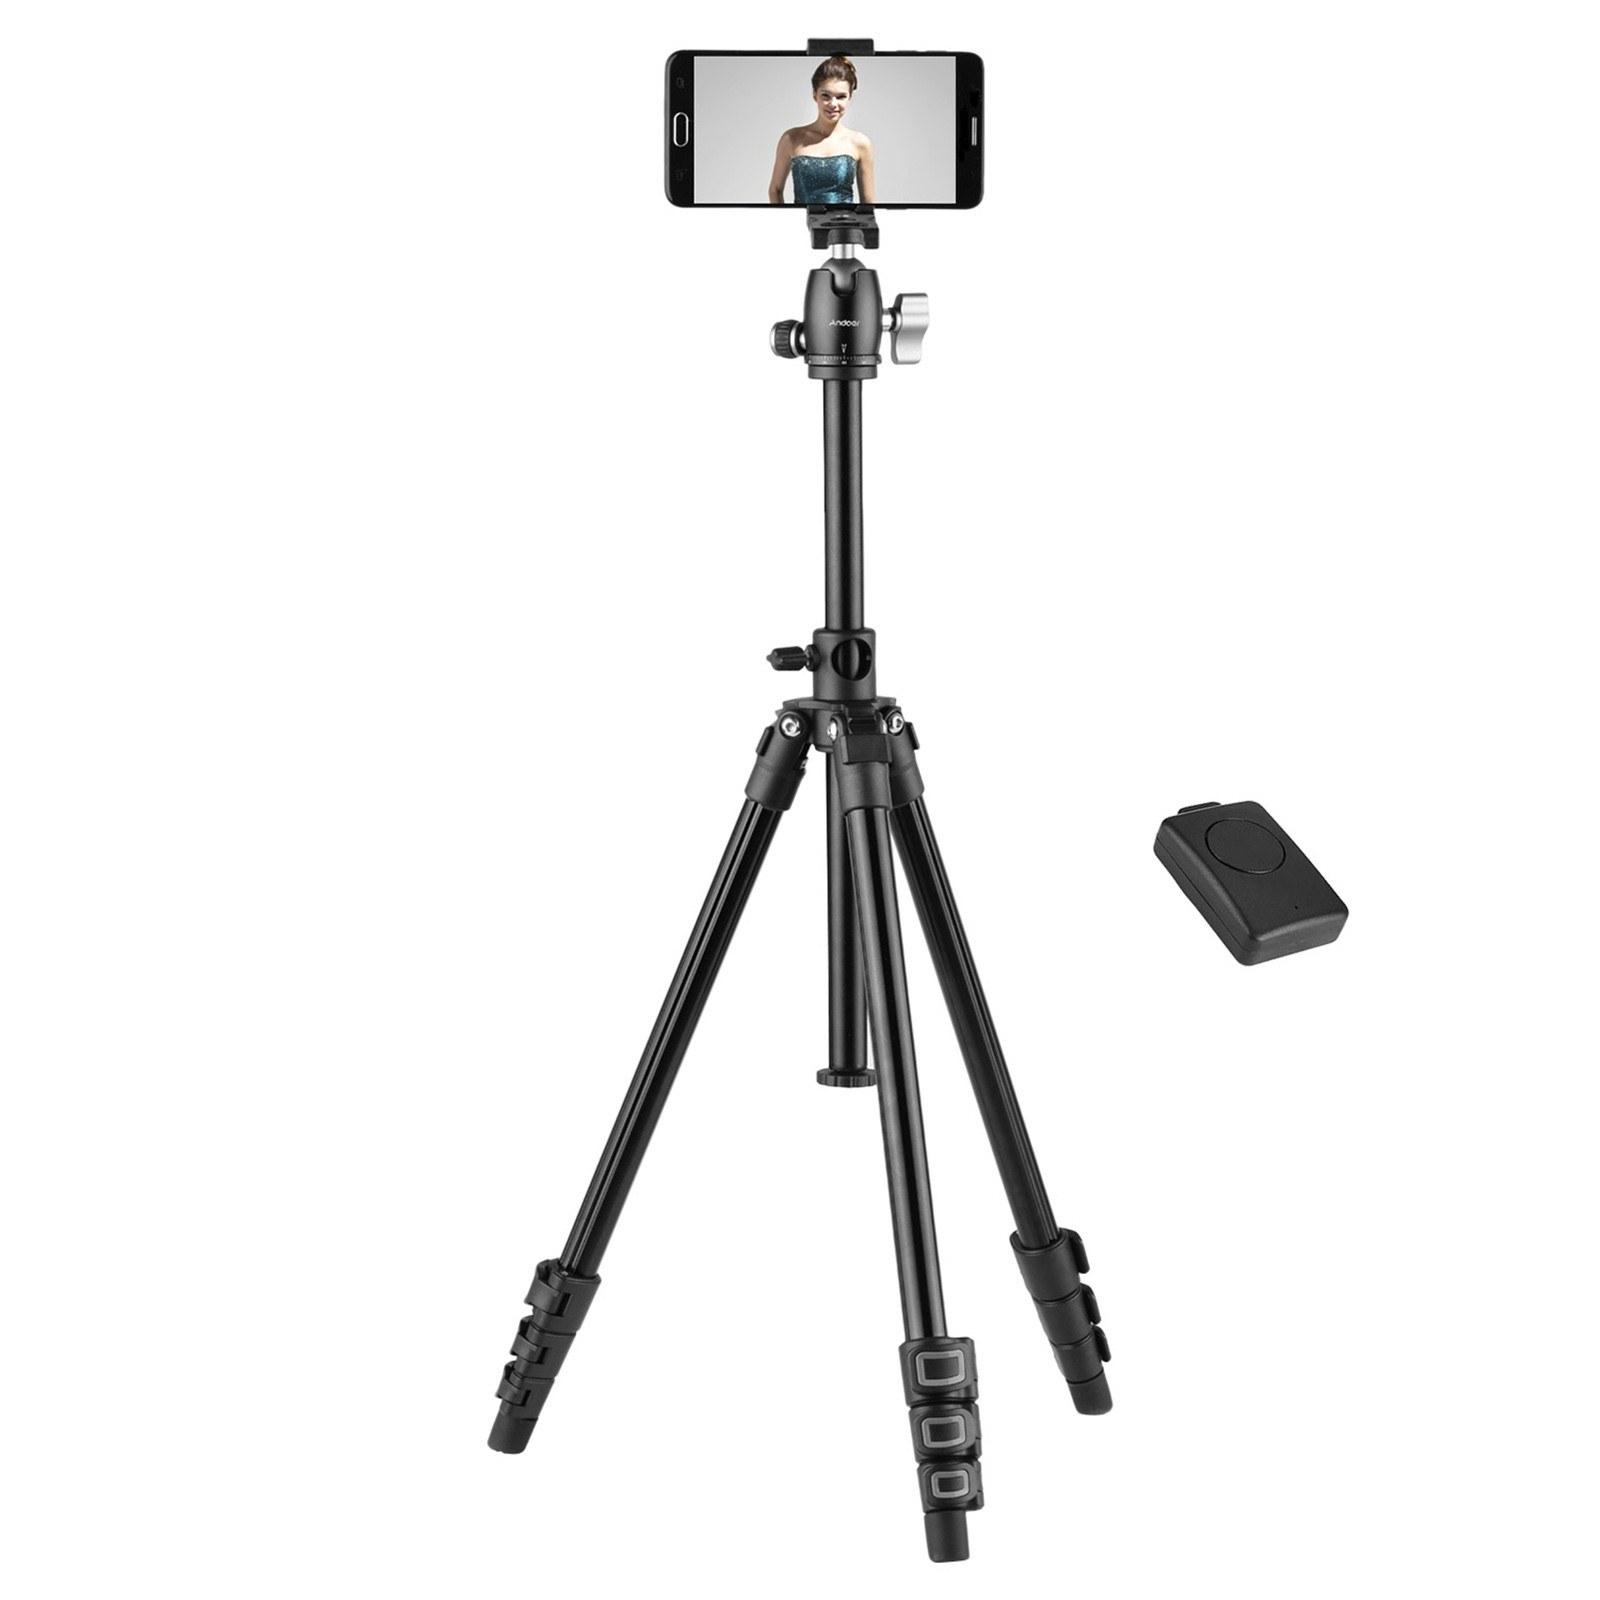 Tomtop - [EU Warehouse] 63% OFF Andoer Q160H Portable Camera Tripod, $33.99 (Inclusive of VAT)